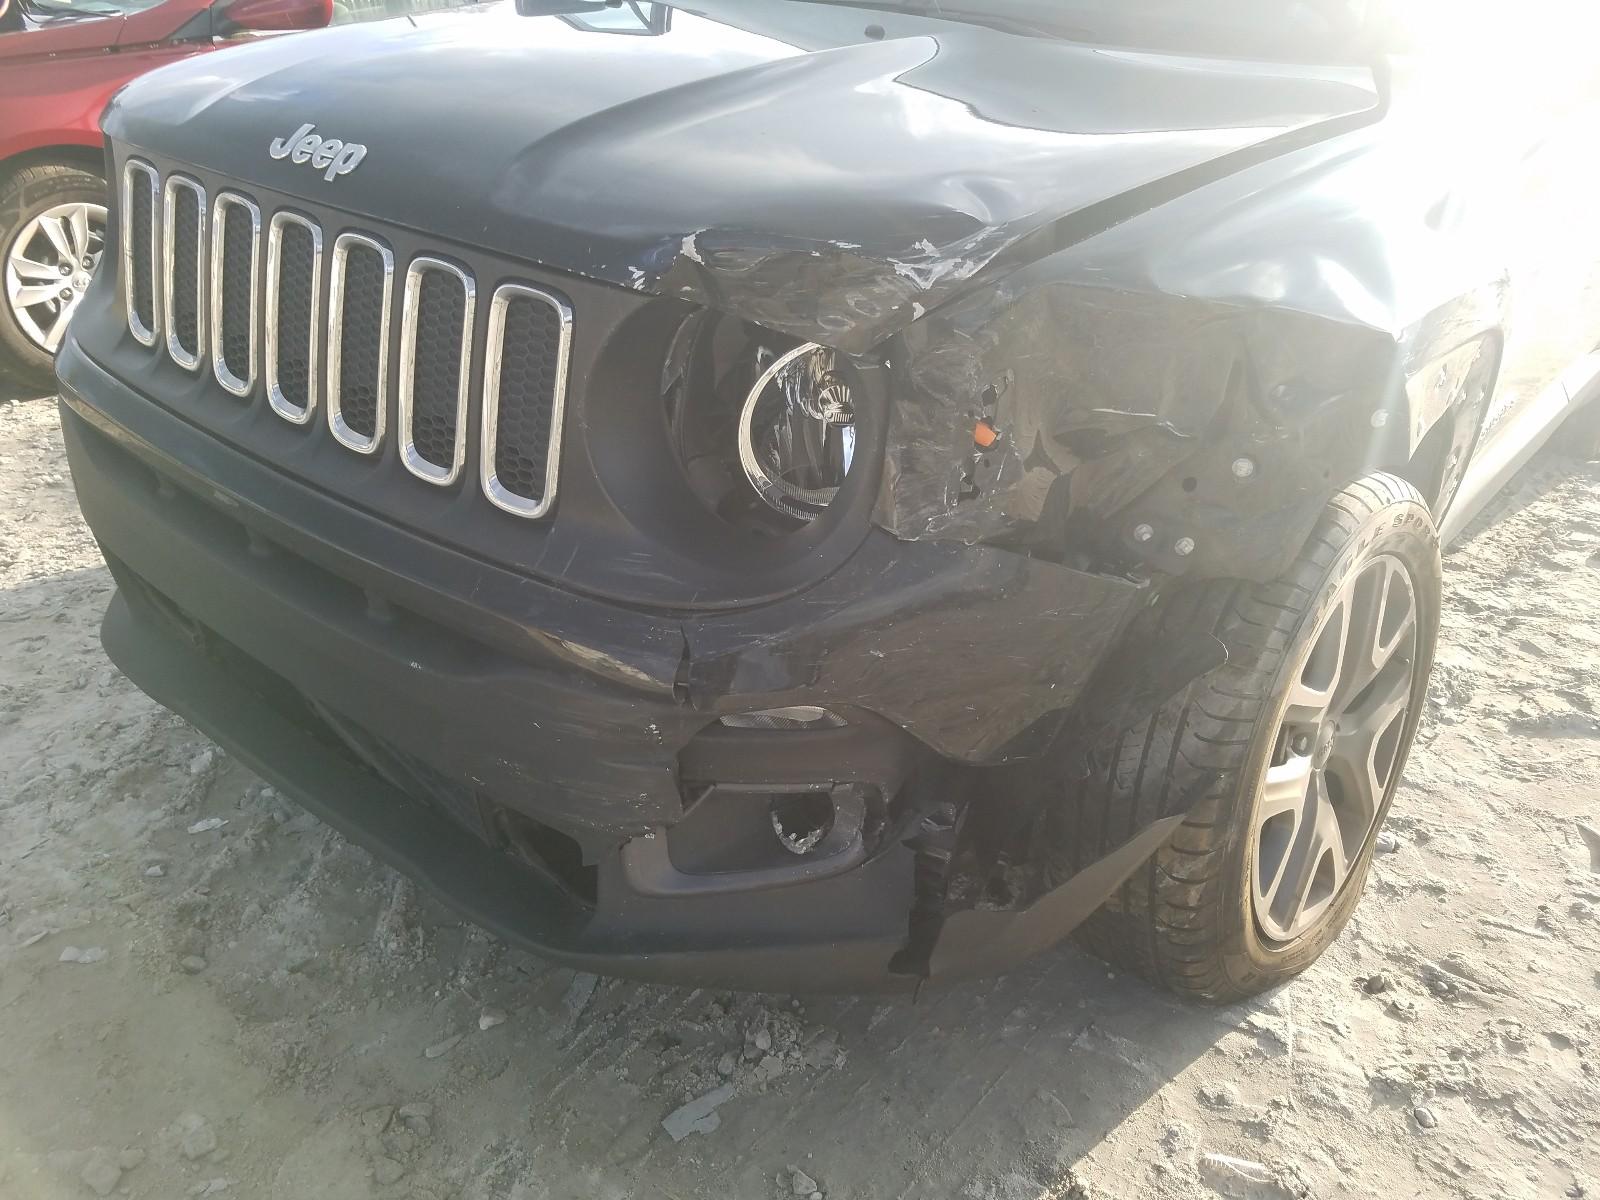 ZACCJABT0GPD53589 - 2016 Jeep Renegade L 2.4L engine view